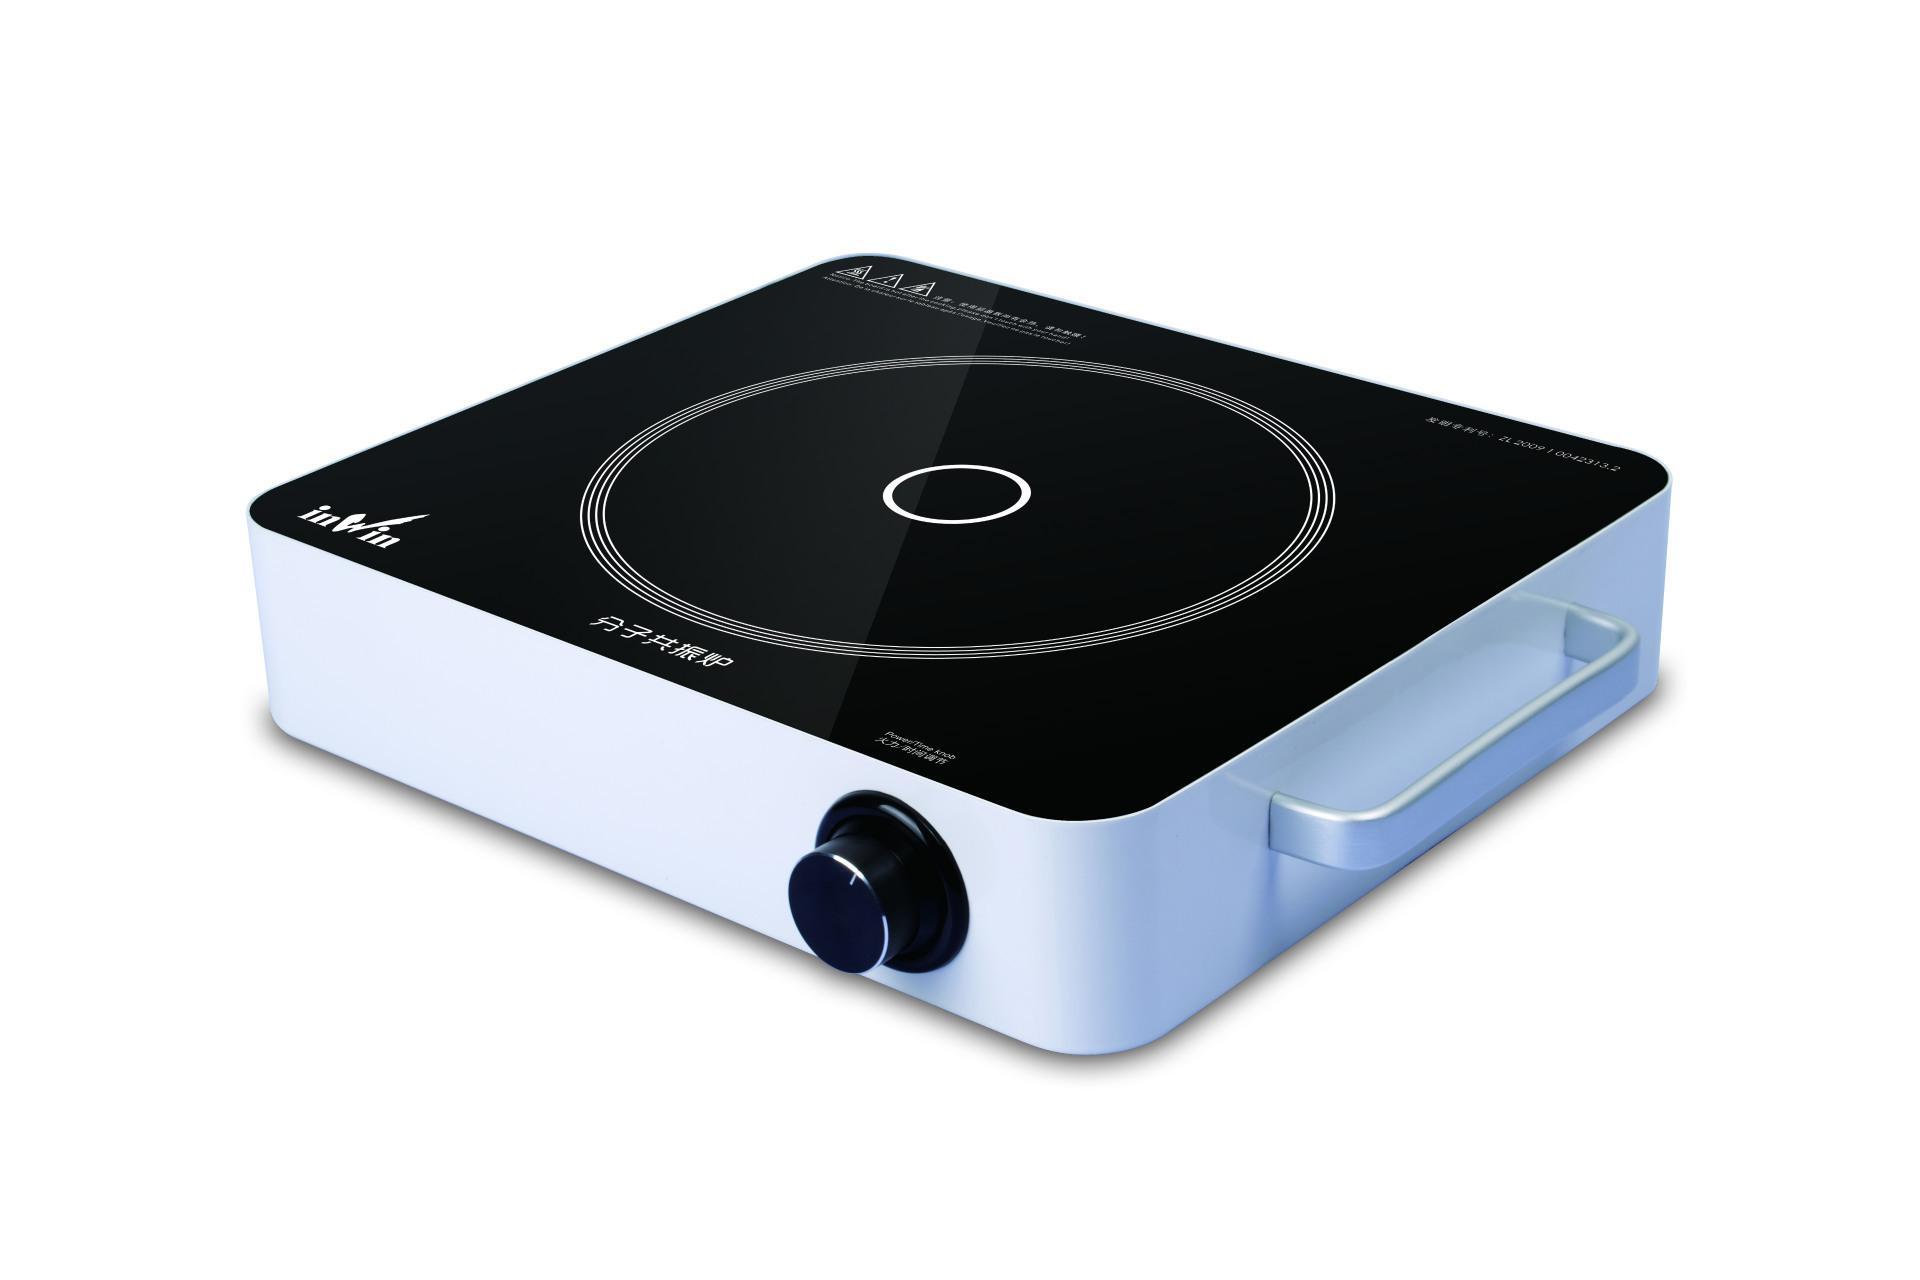 Pera elétrica da placa quente elétrica do fogão elétrico e vermelho chinês apropriado para agitar-frito, hotpot, e cozinhar a sopa etc.